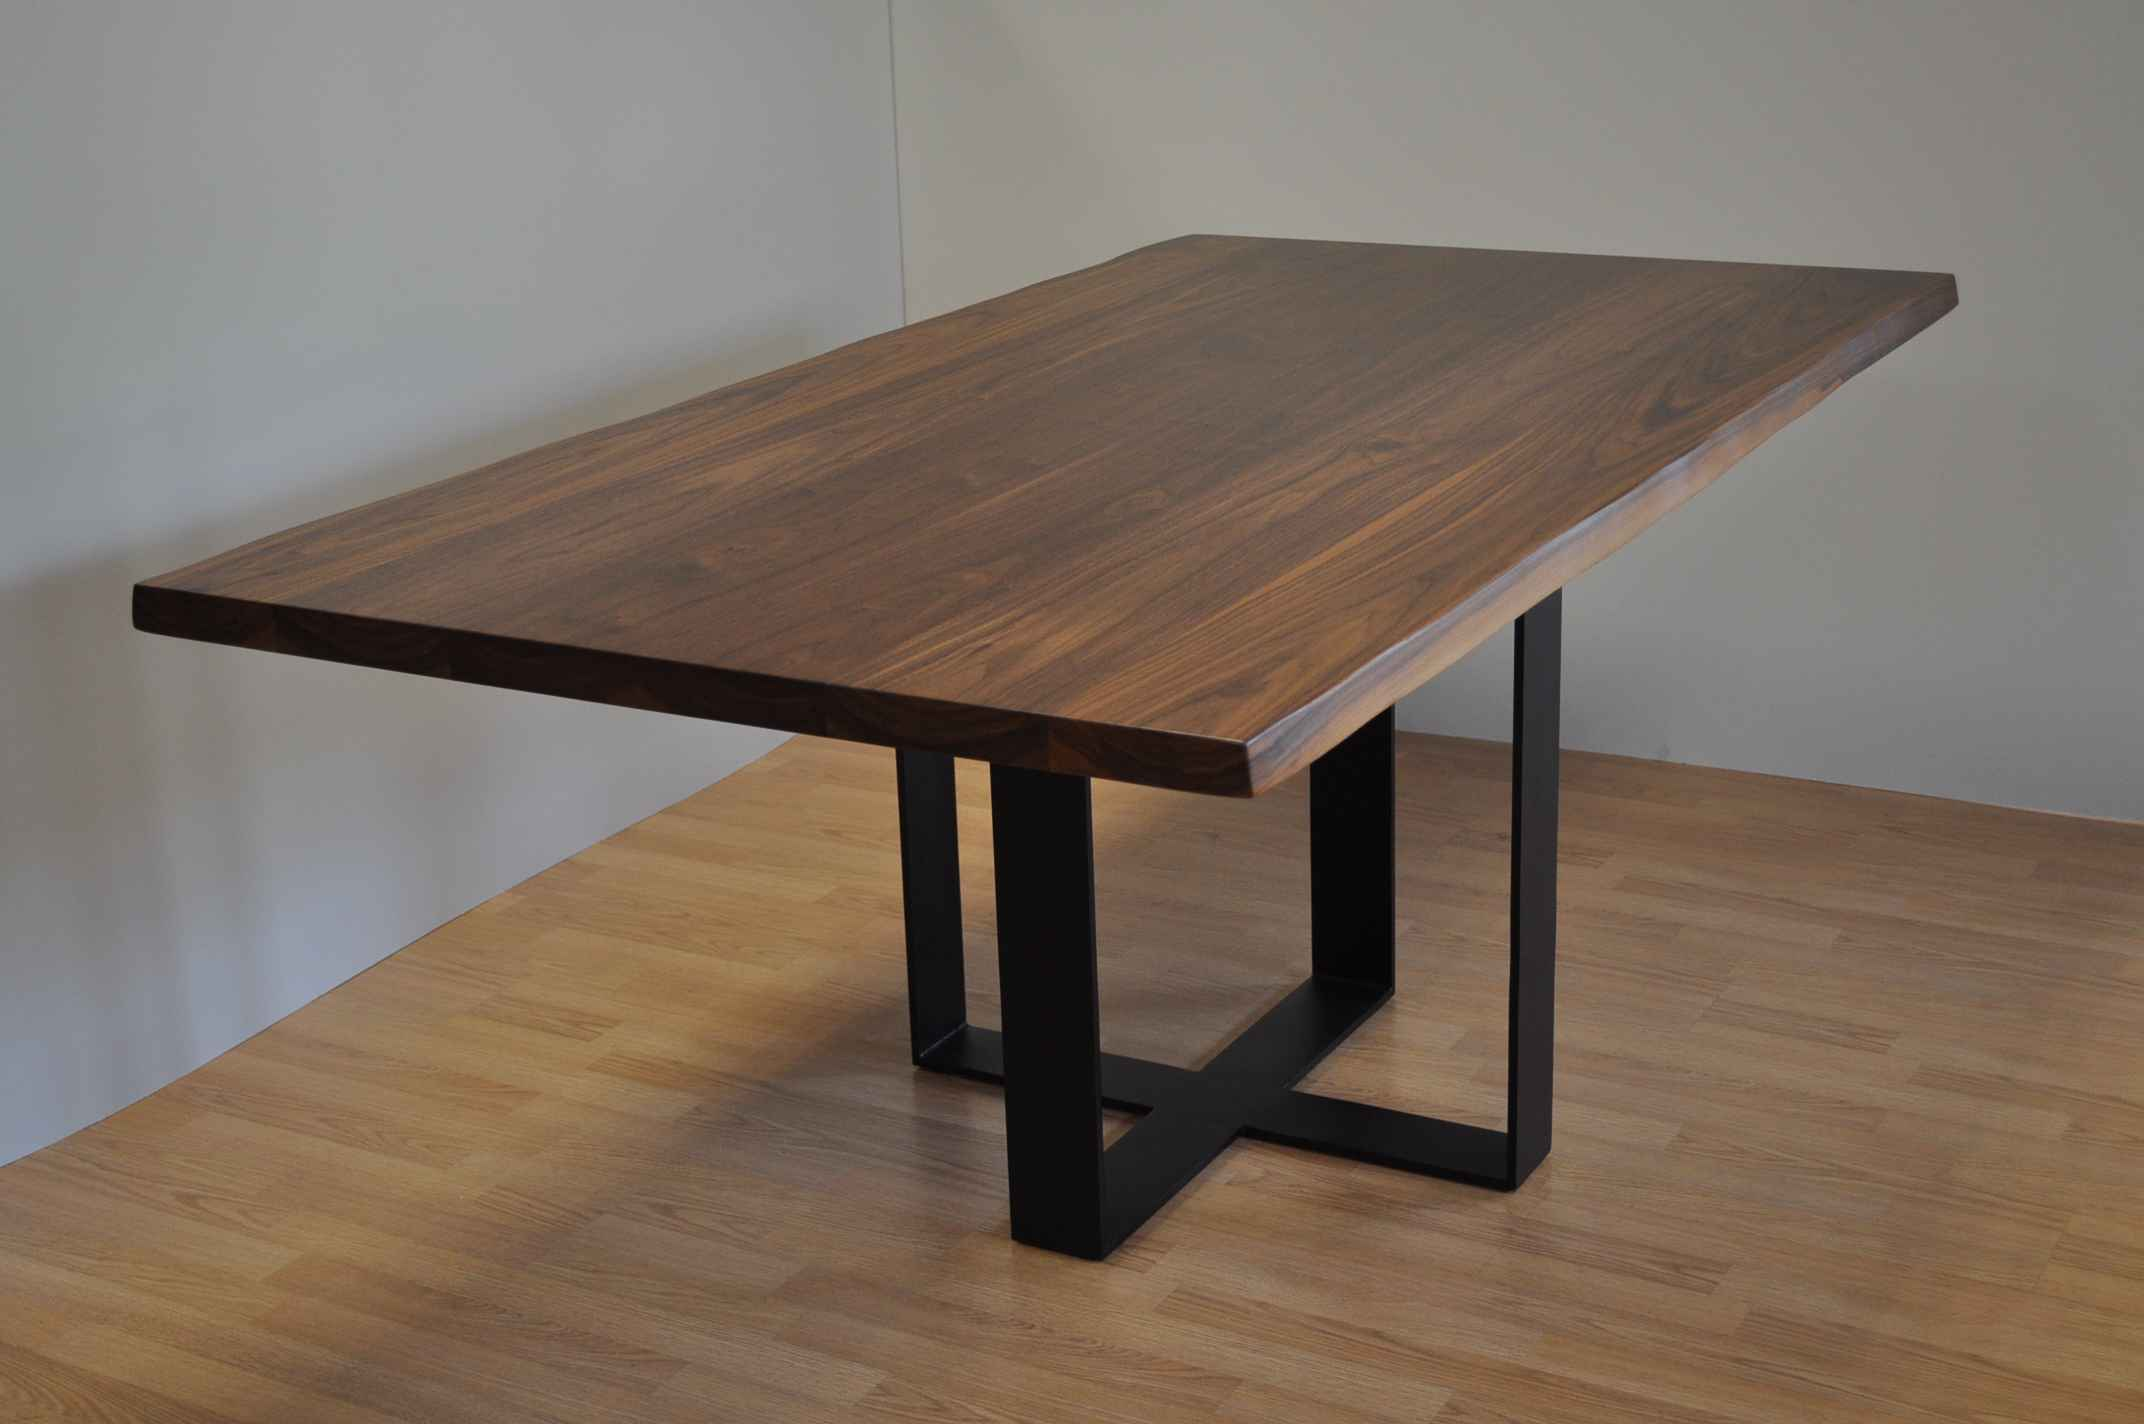 שולחן עץ מלא אגוז אמריקאי – דגם מוסקט